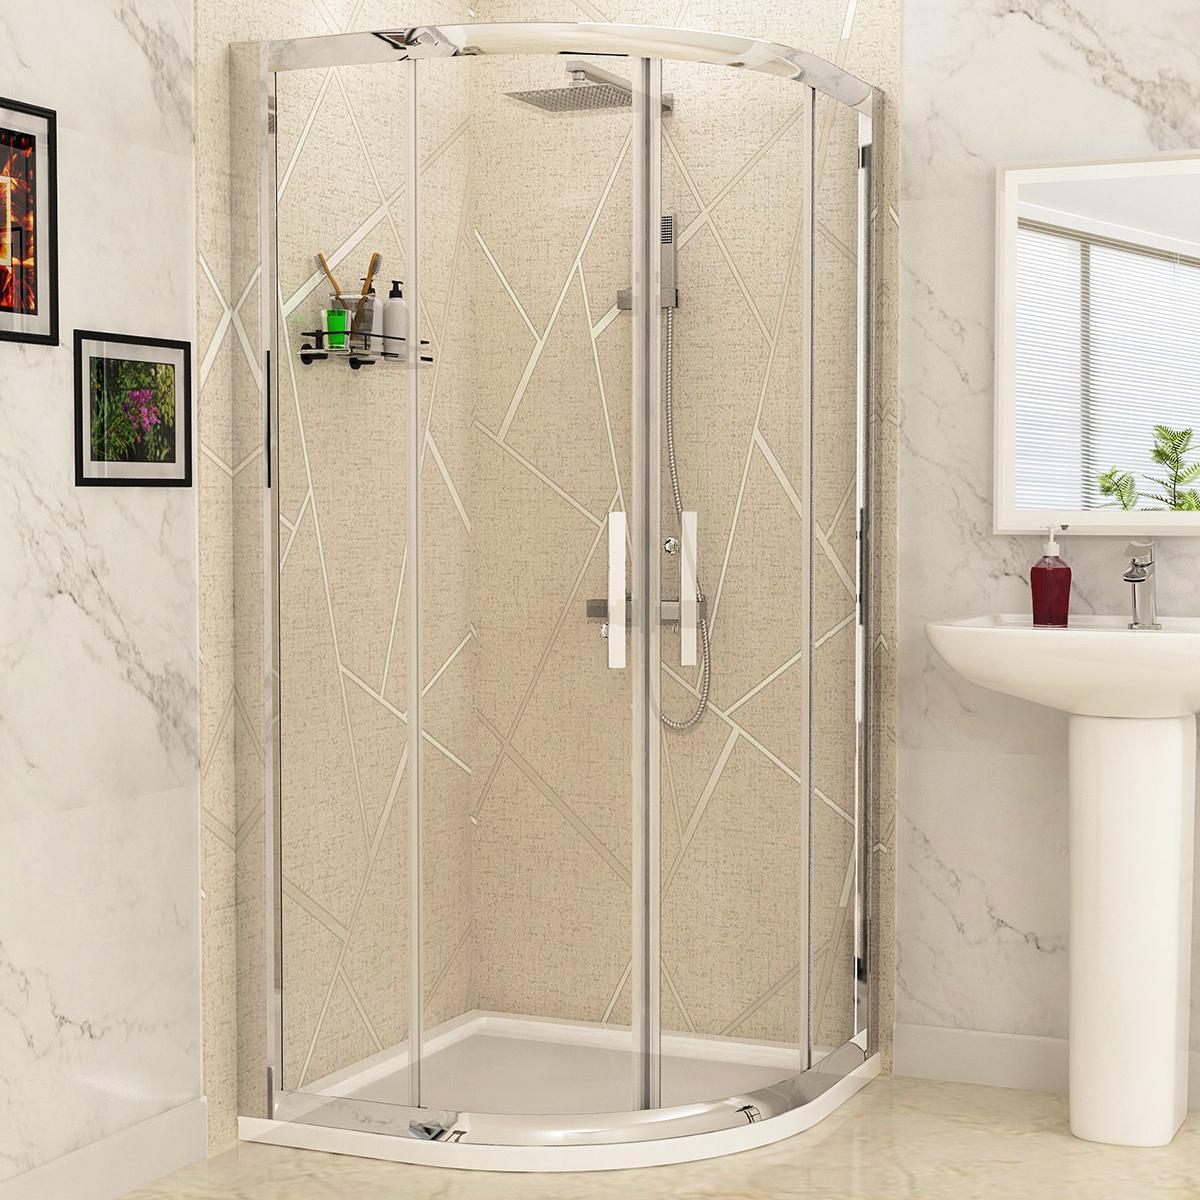 Top 7 Benefits of a Quadrant Shower Enclosure